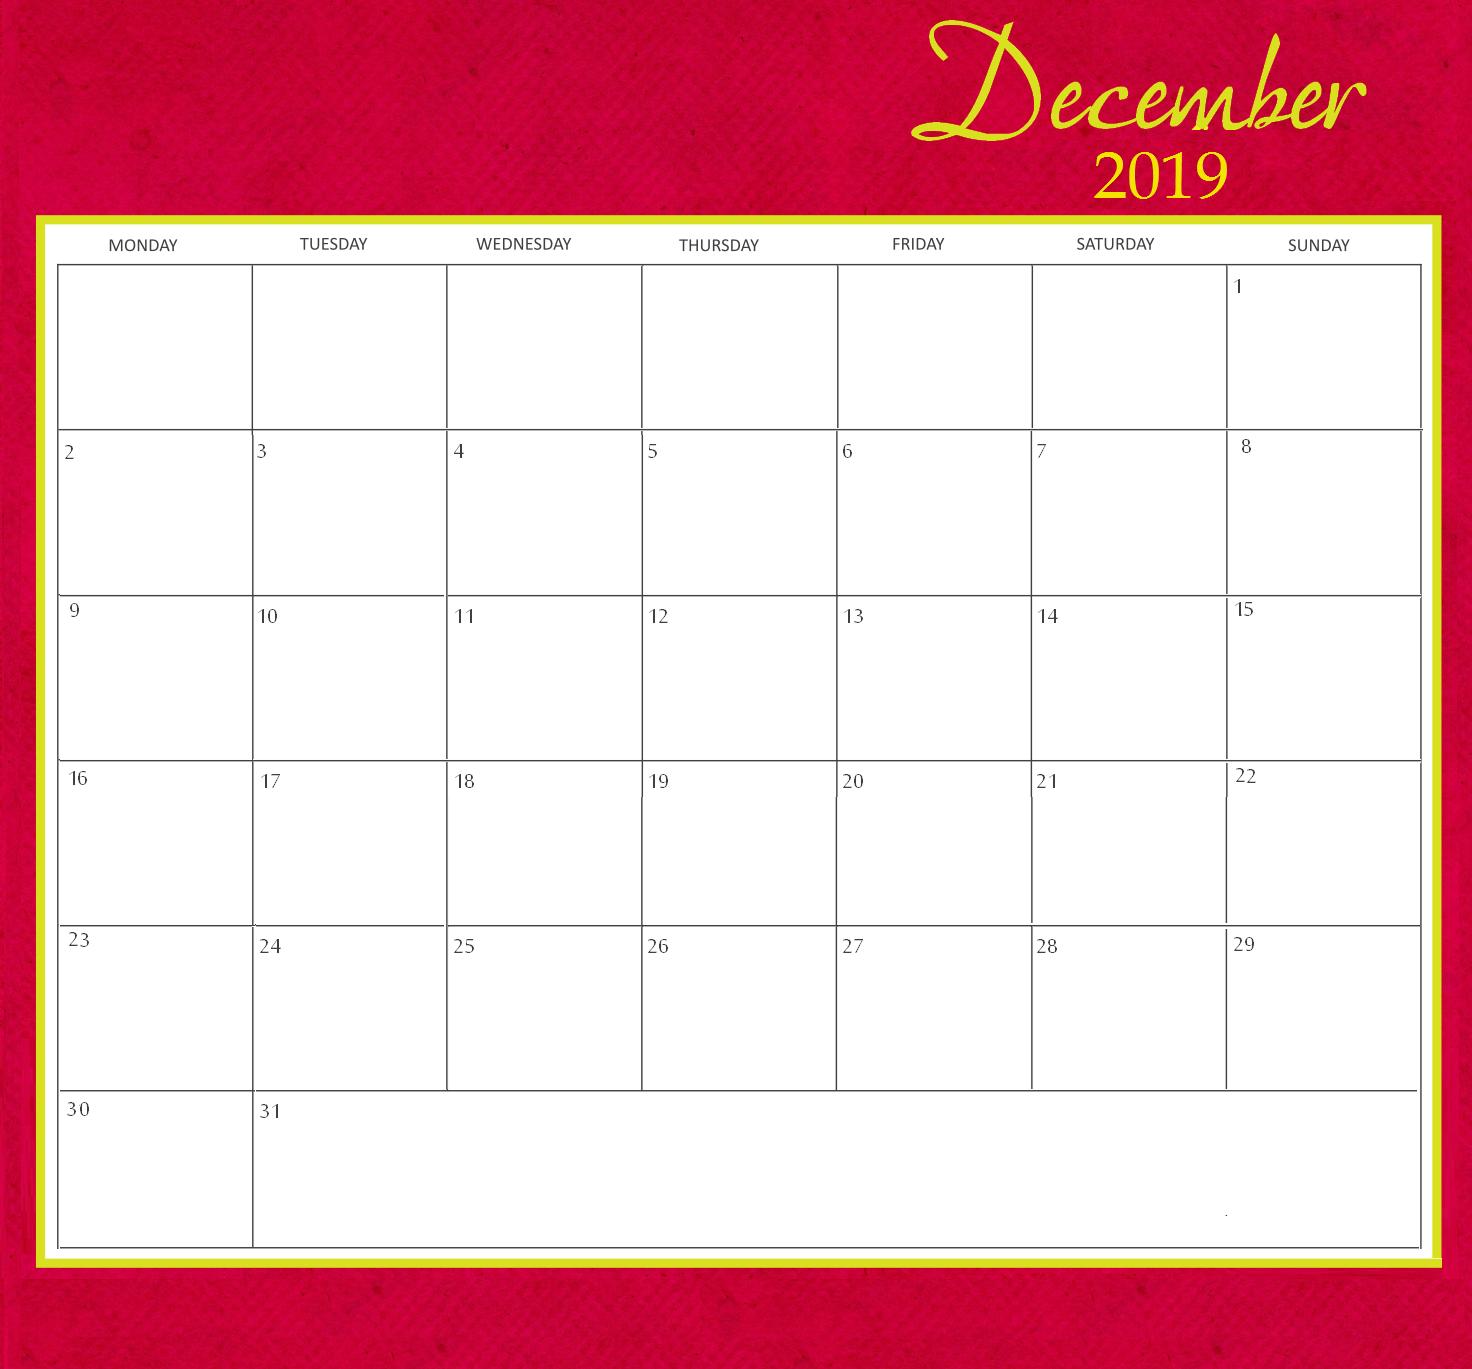 December 2019 Calendar Template